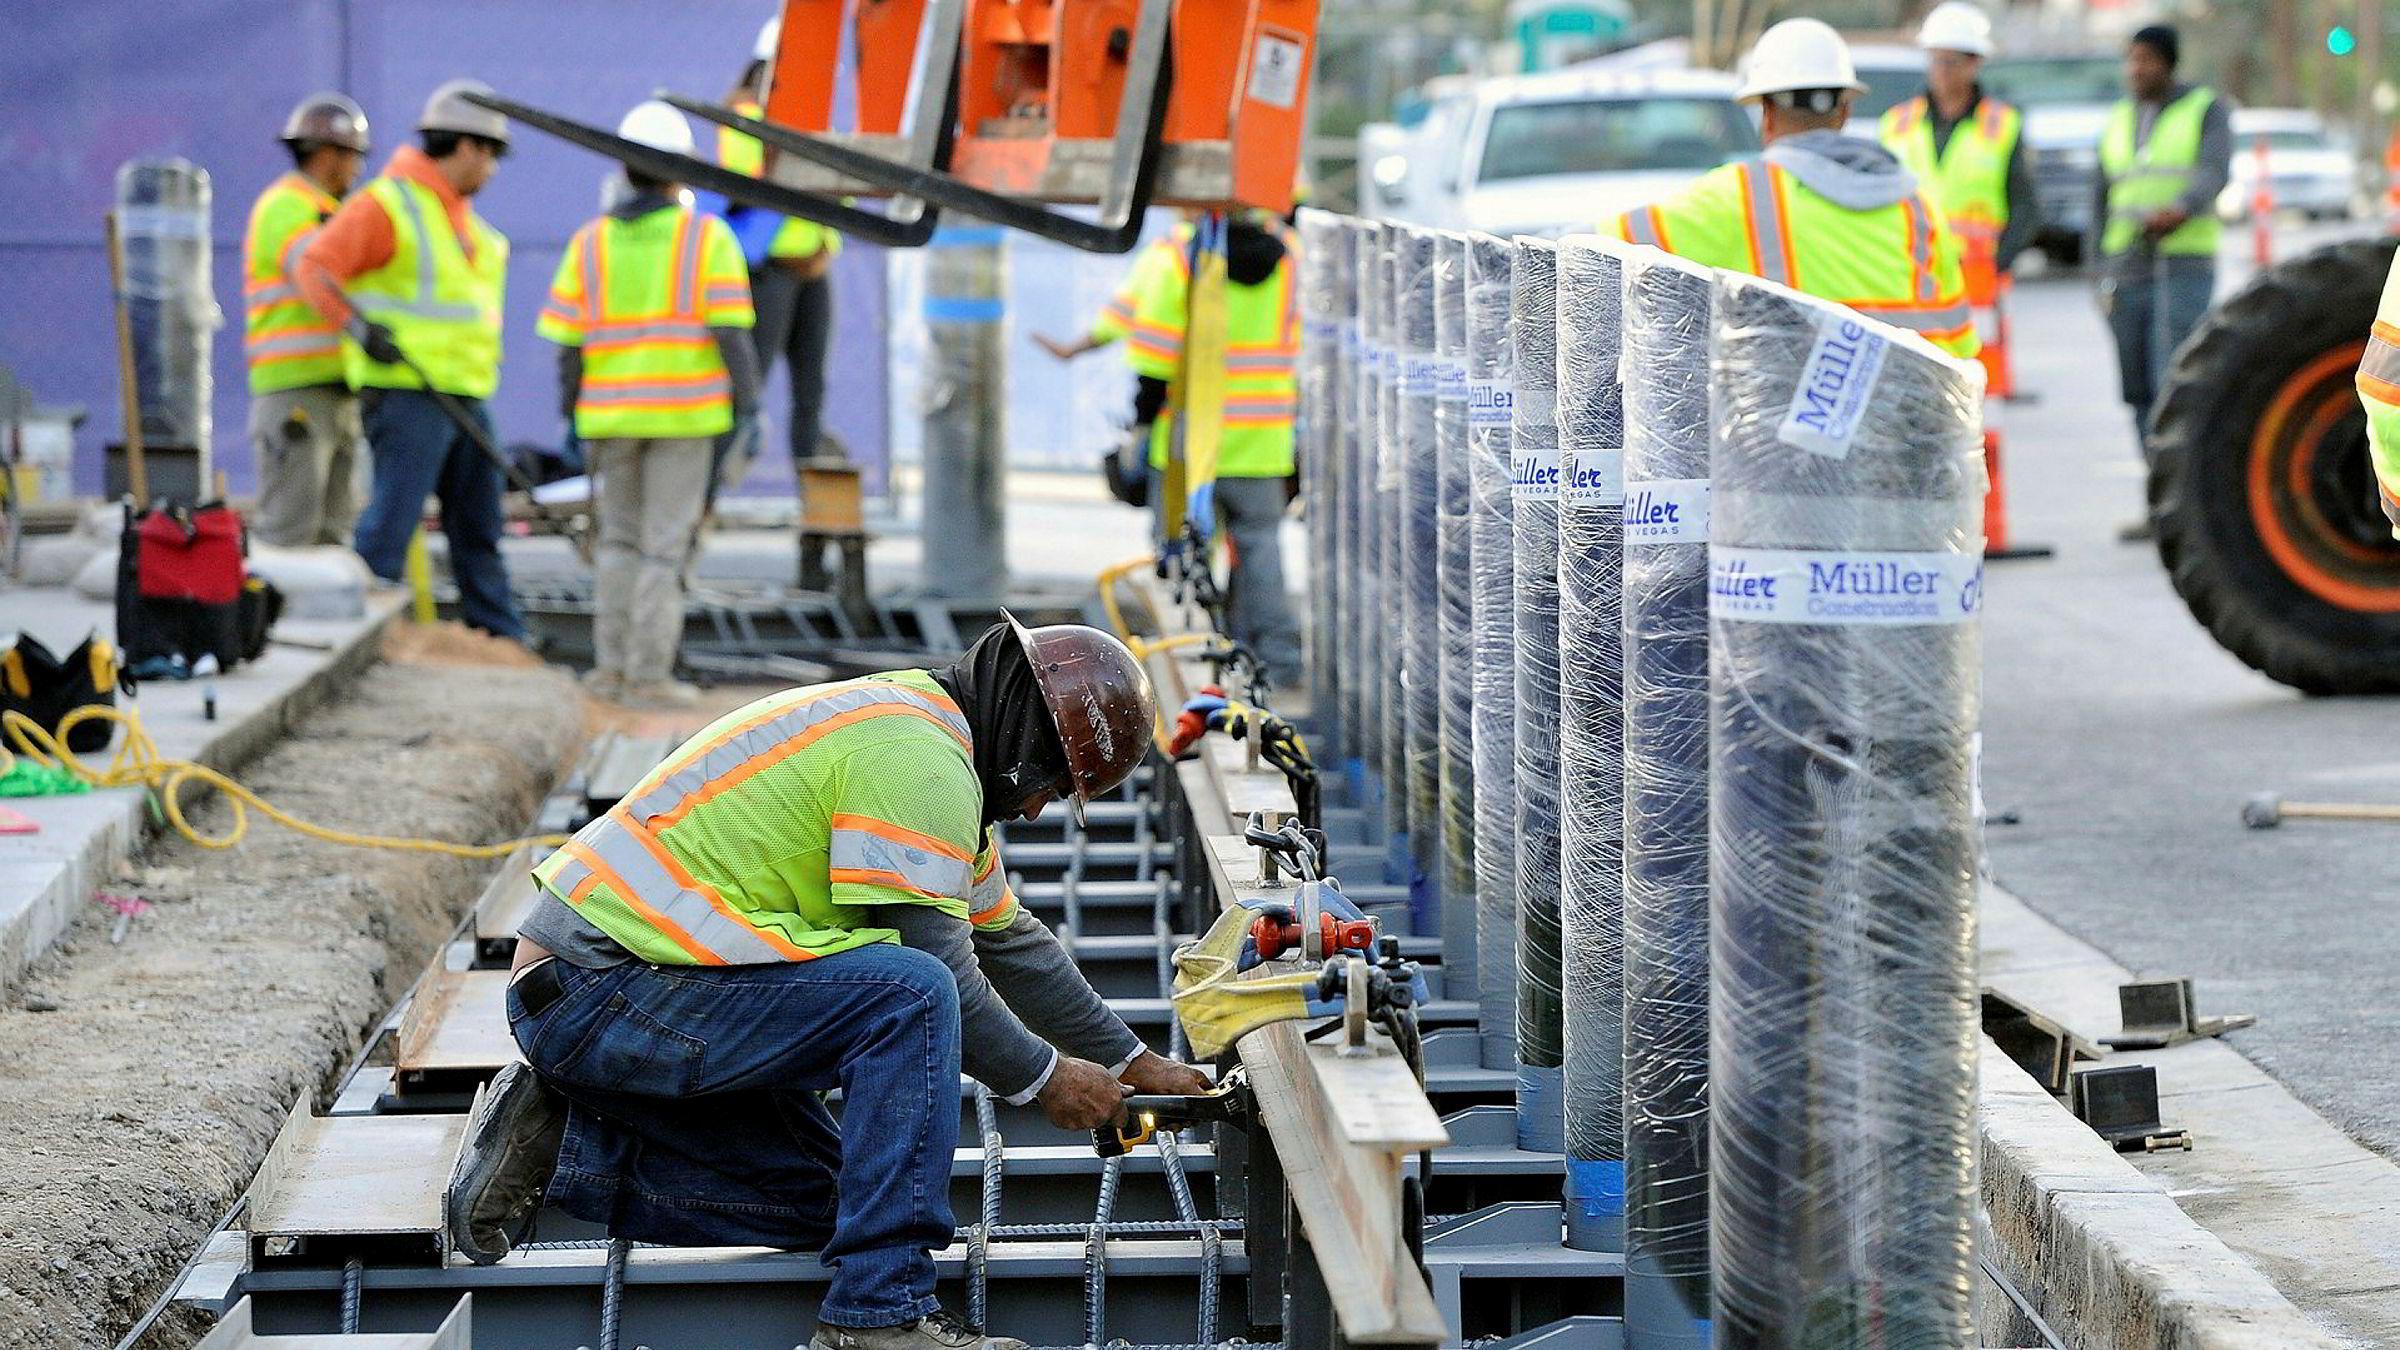 Konstruksjonsarbeidere installerer stolper i Las Vegas for å beskytte fotgjengere.